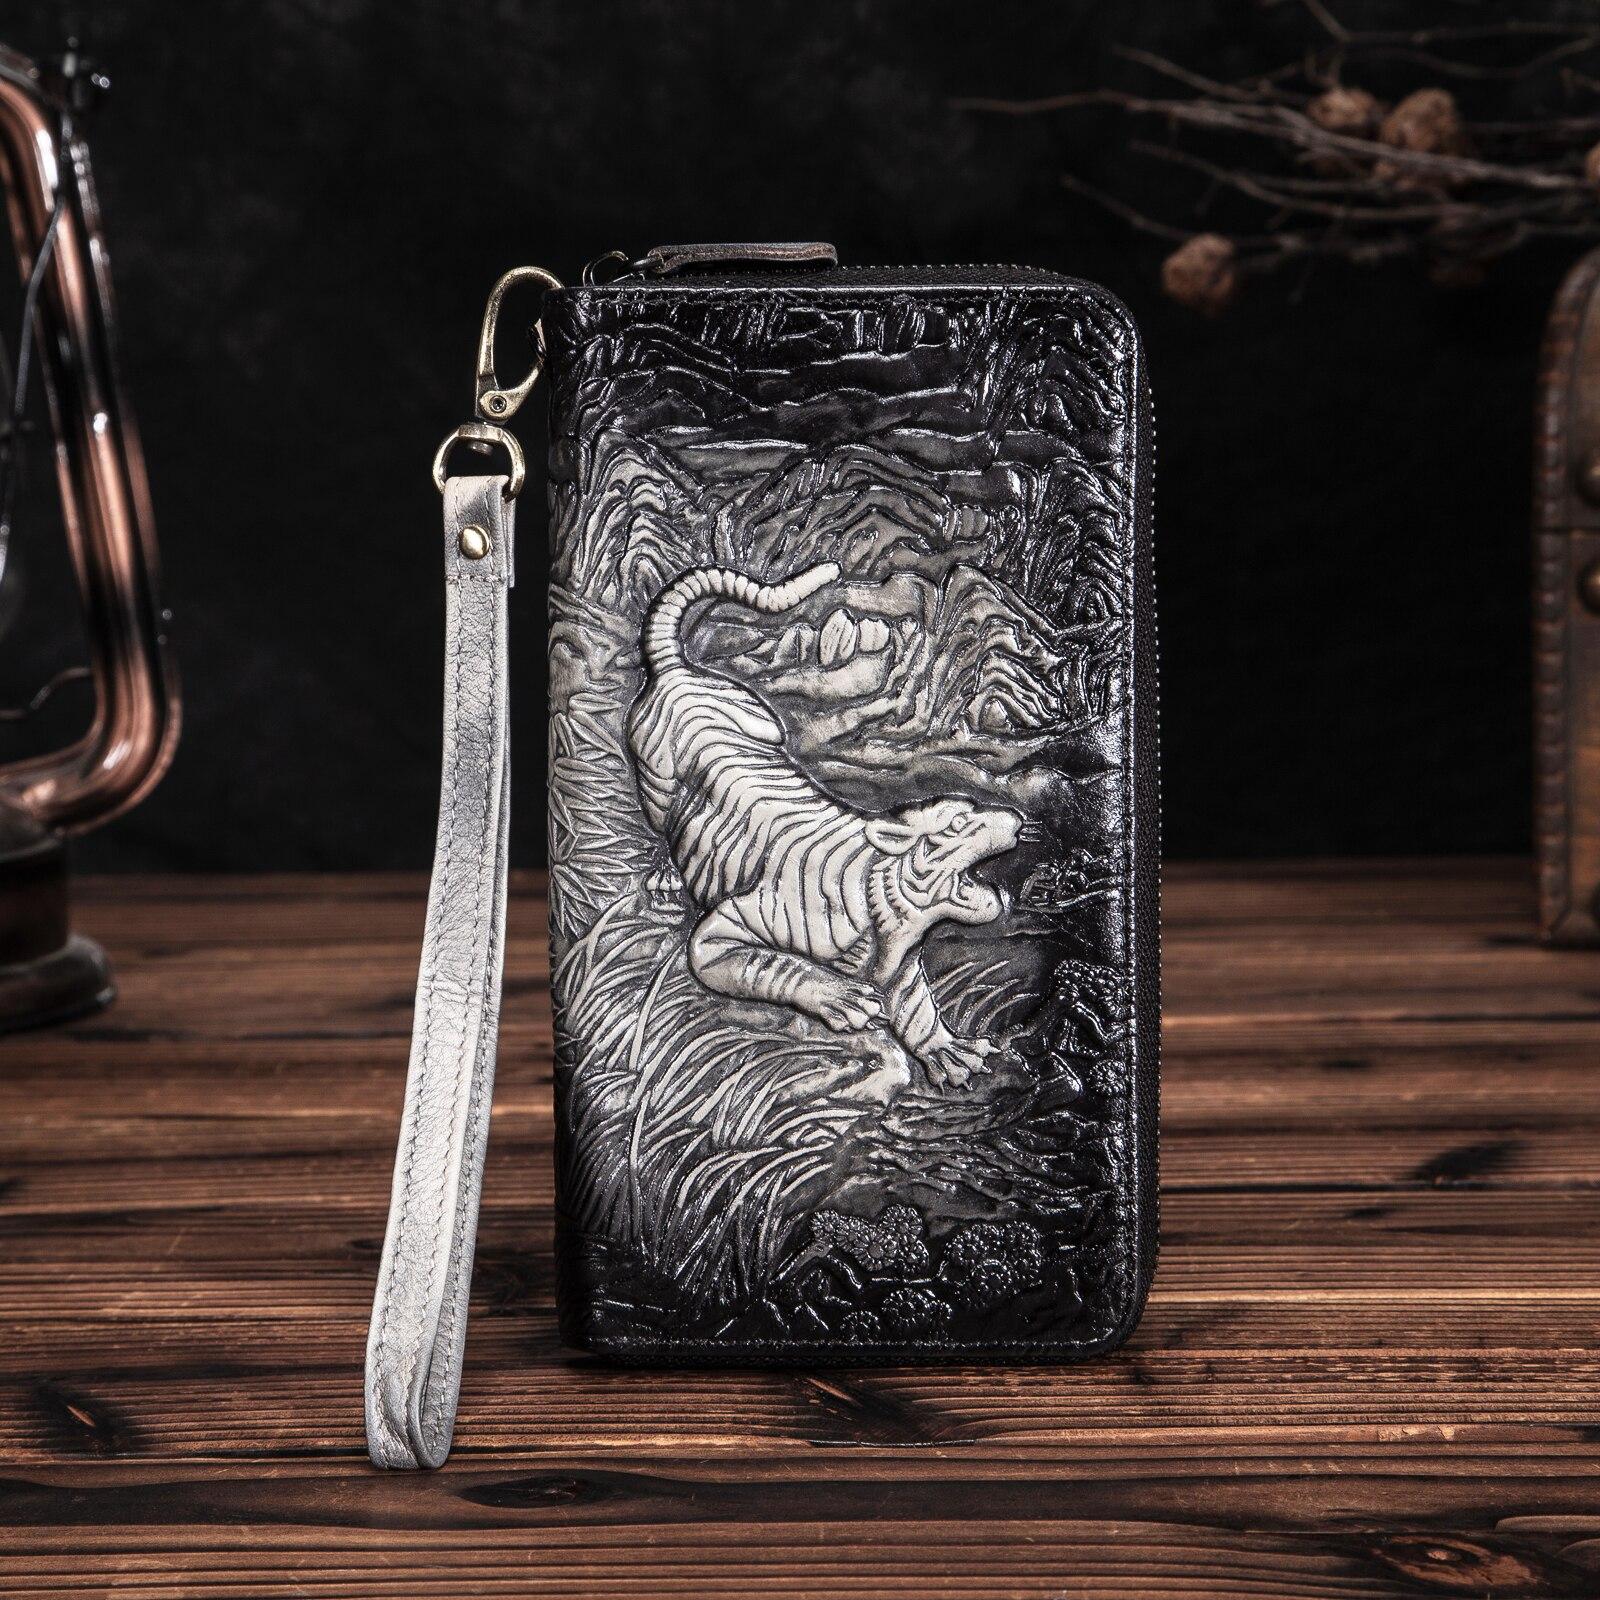 Unisex Original Real Leather Fashion Gift Long Chain Checkbook Zipper Around Organizer Wallet Purse Design Clutch Handbag 1016BT